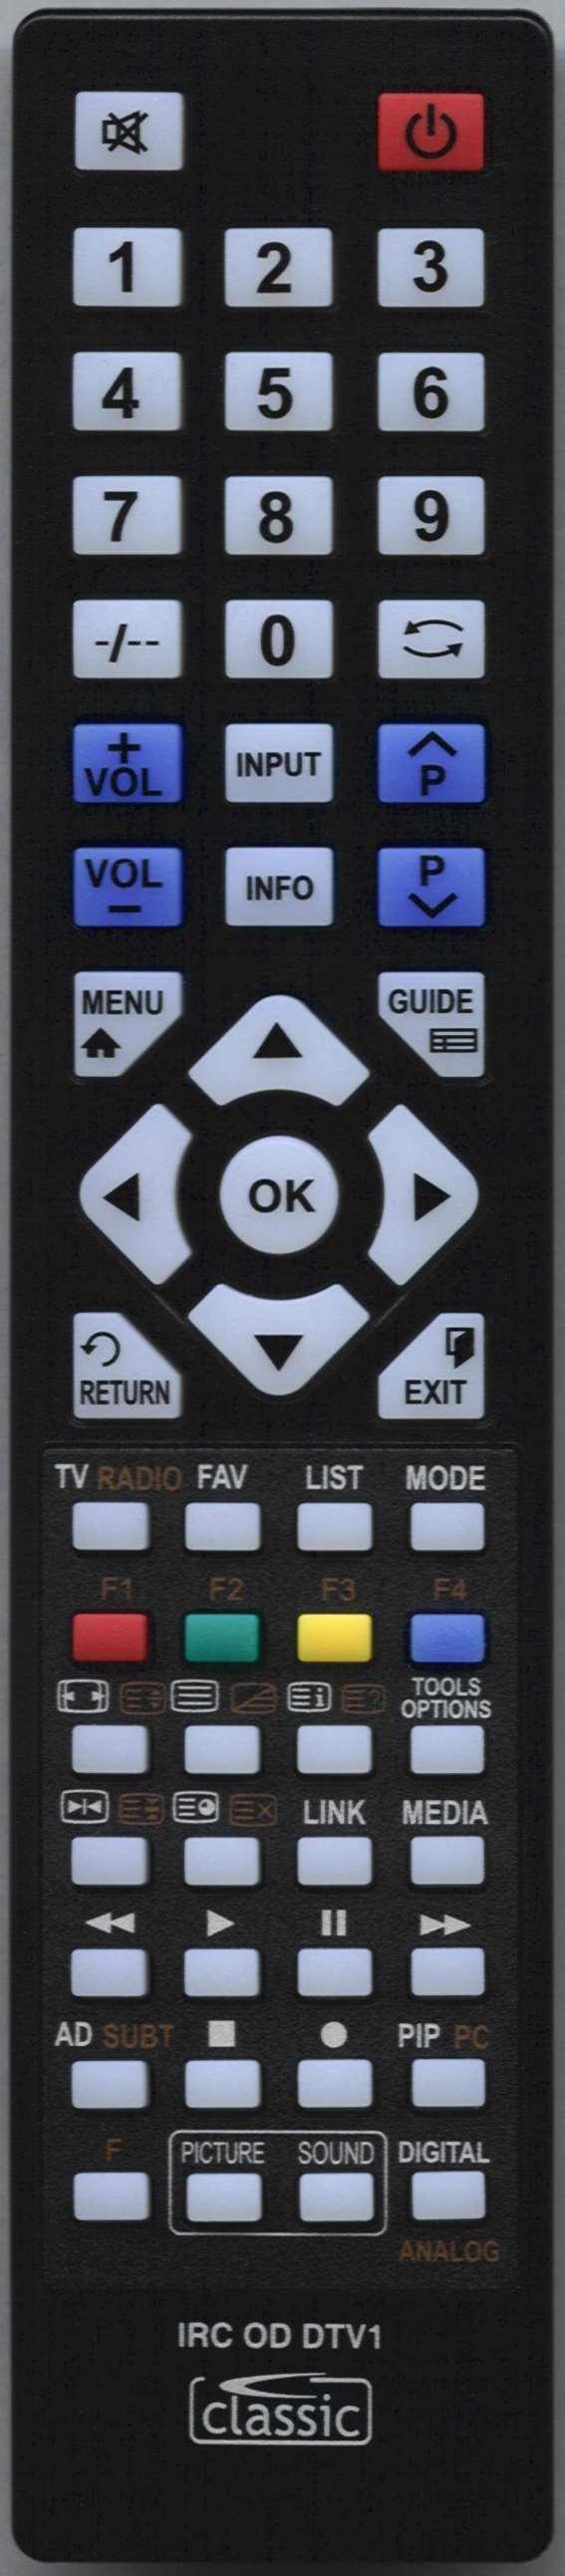 CELLO C58ANSMT-4K V2 Remote Control